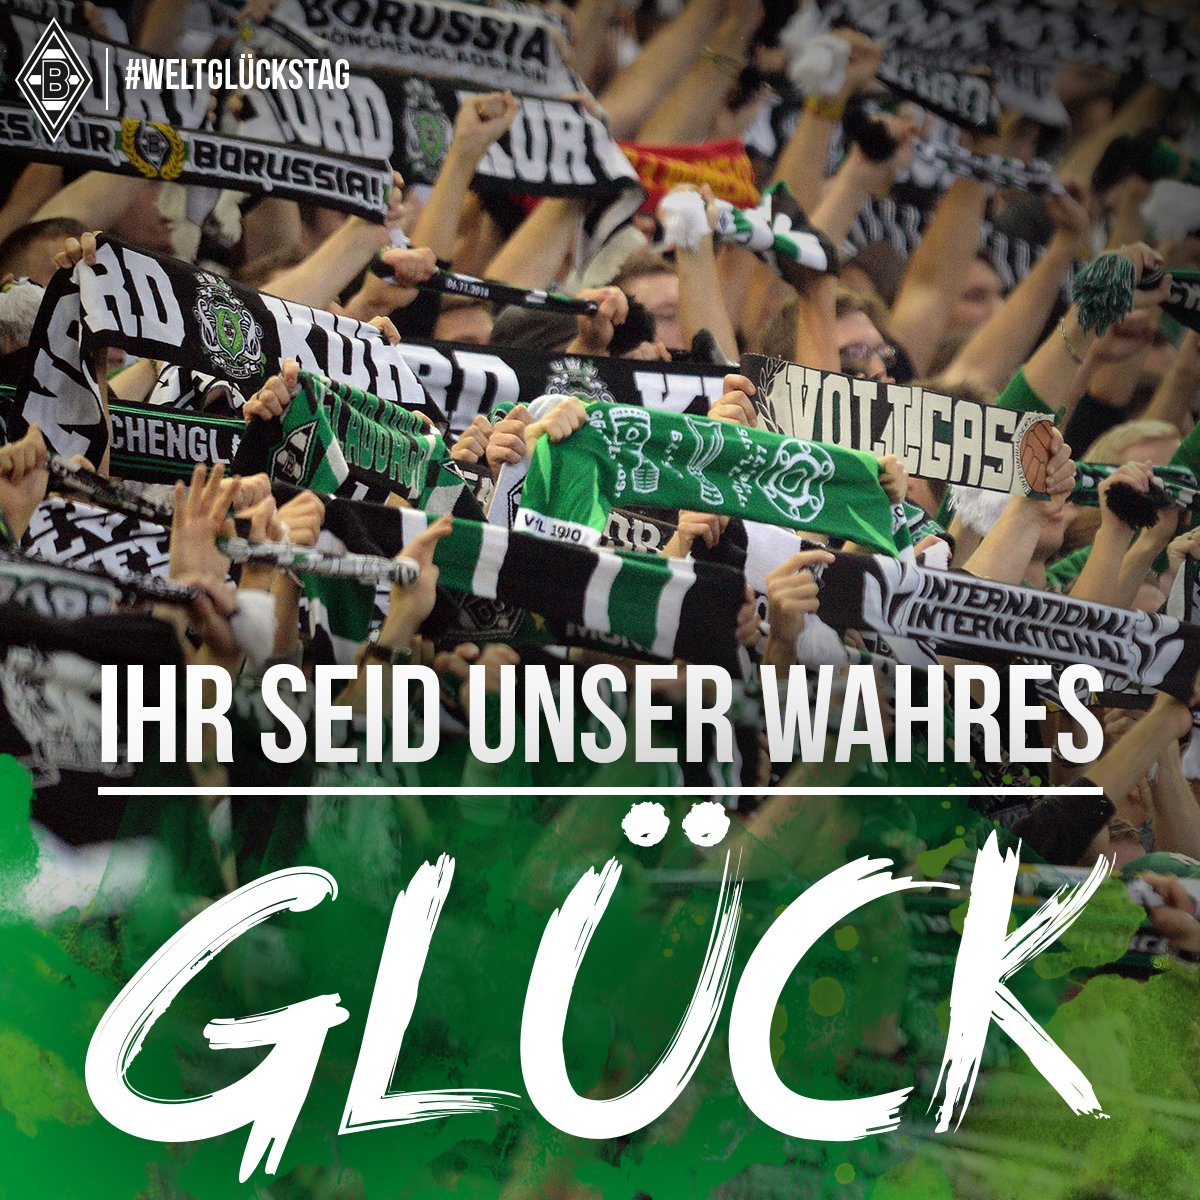 25. Spieltag: Fußball macht die Aufwartung im Borussia-Park - Seite 2 C7W118yX4AEf3VC